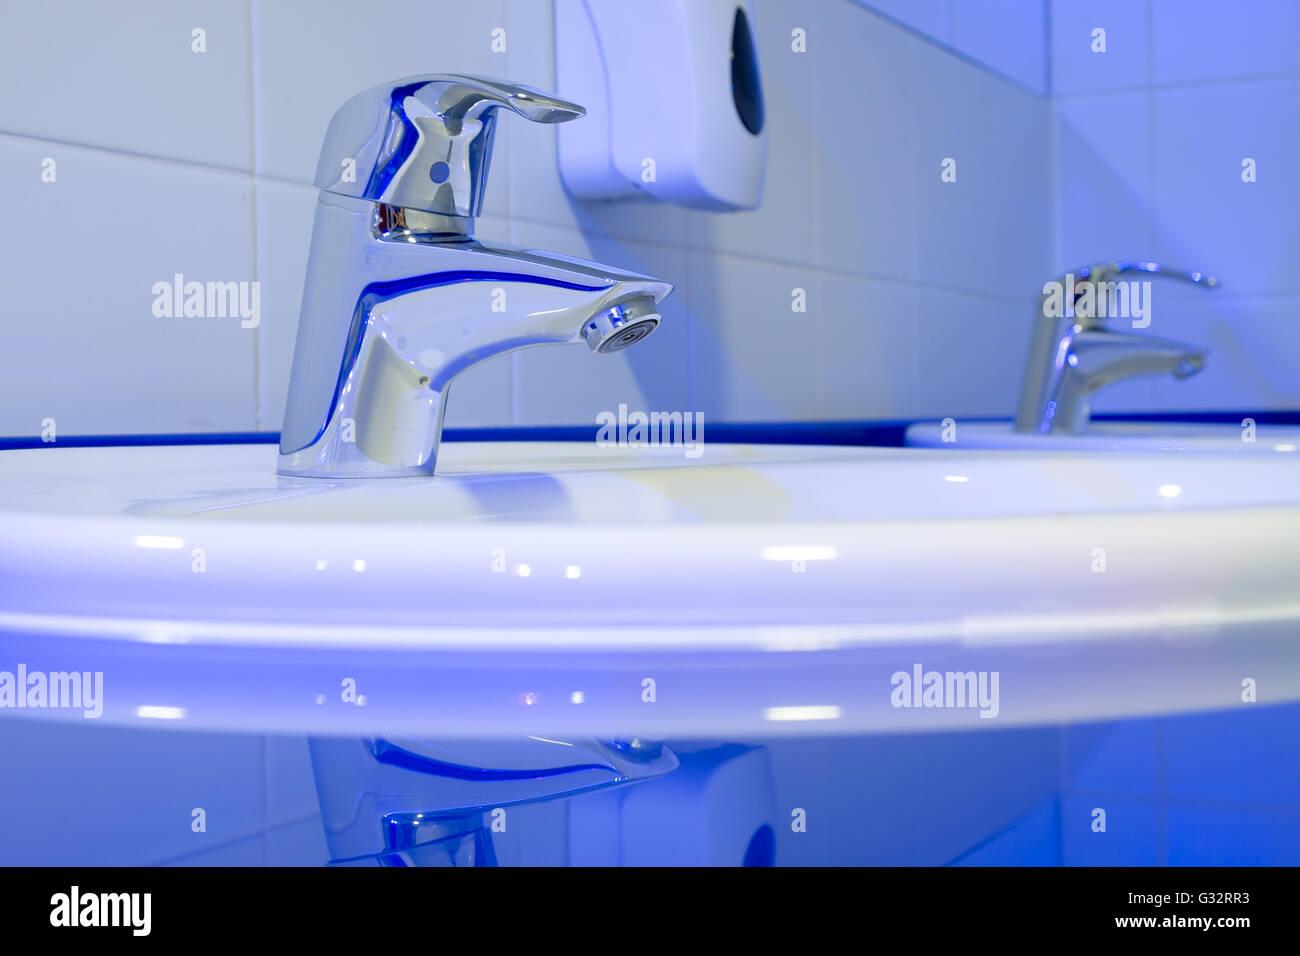 Wasserhahn Beleuchtet der wasserhahn in der toilette ist schön beleuchtet stockfoto, bild